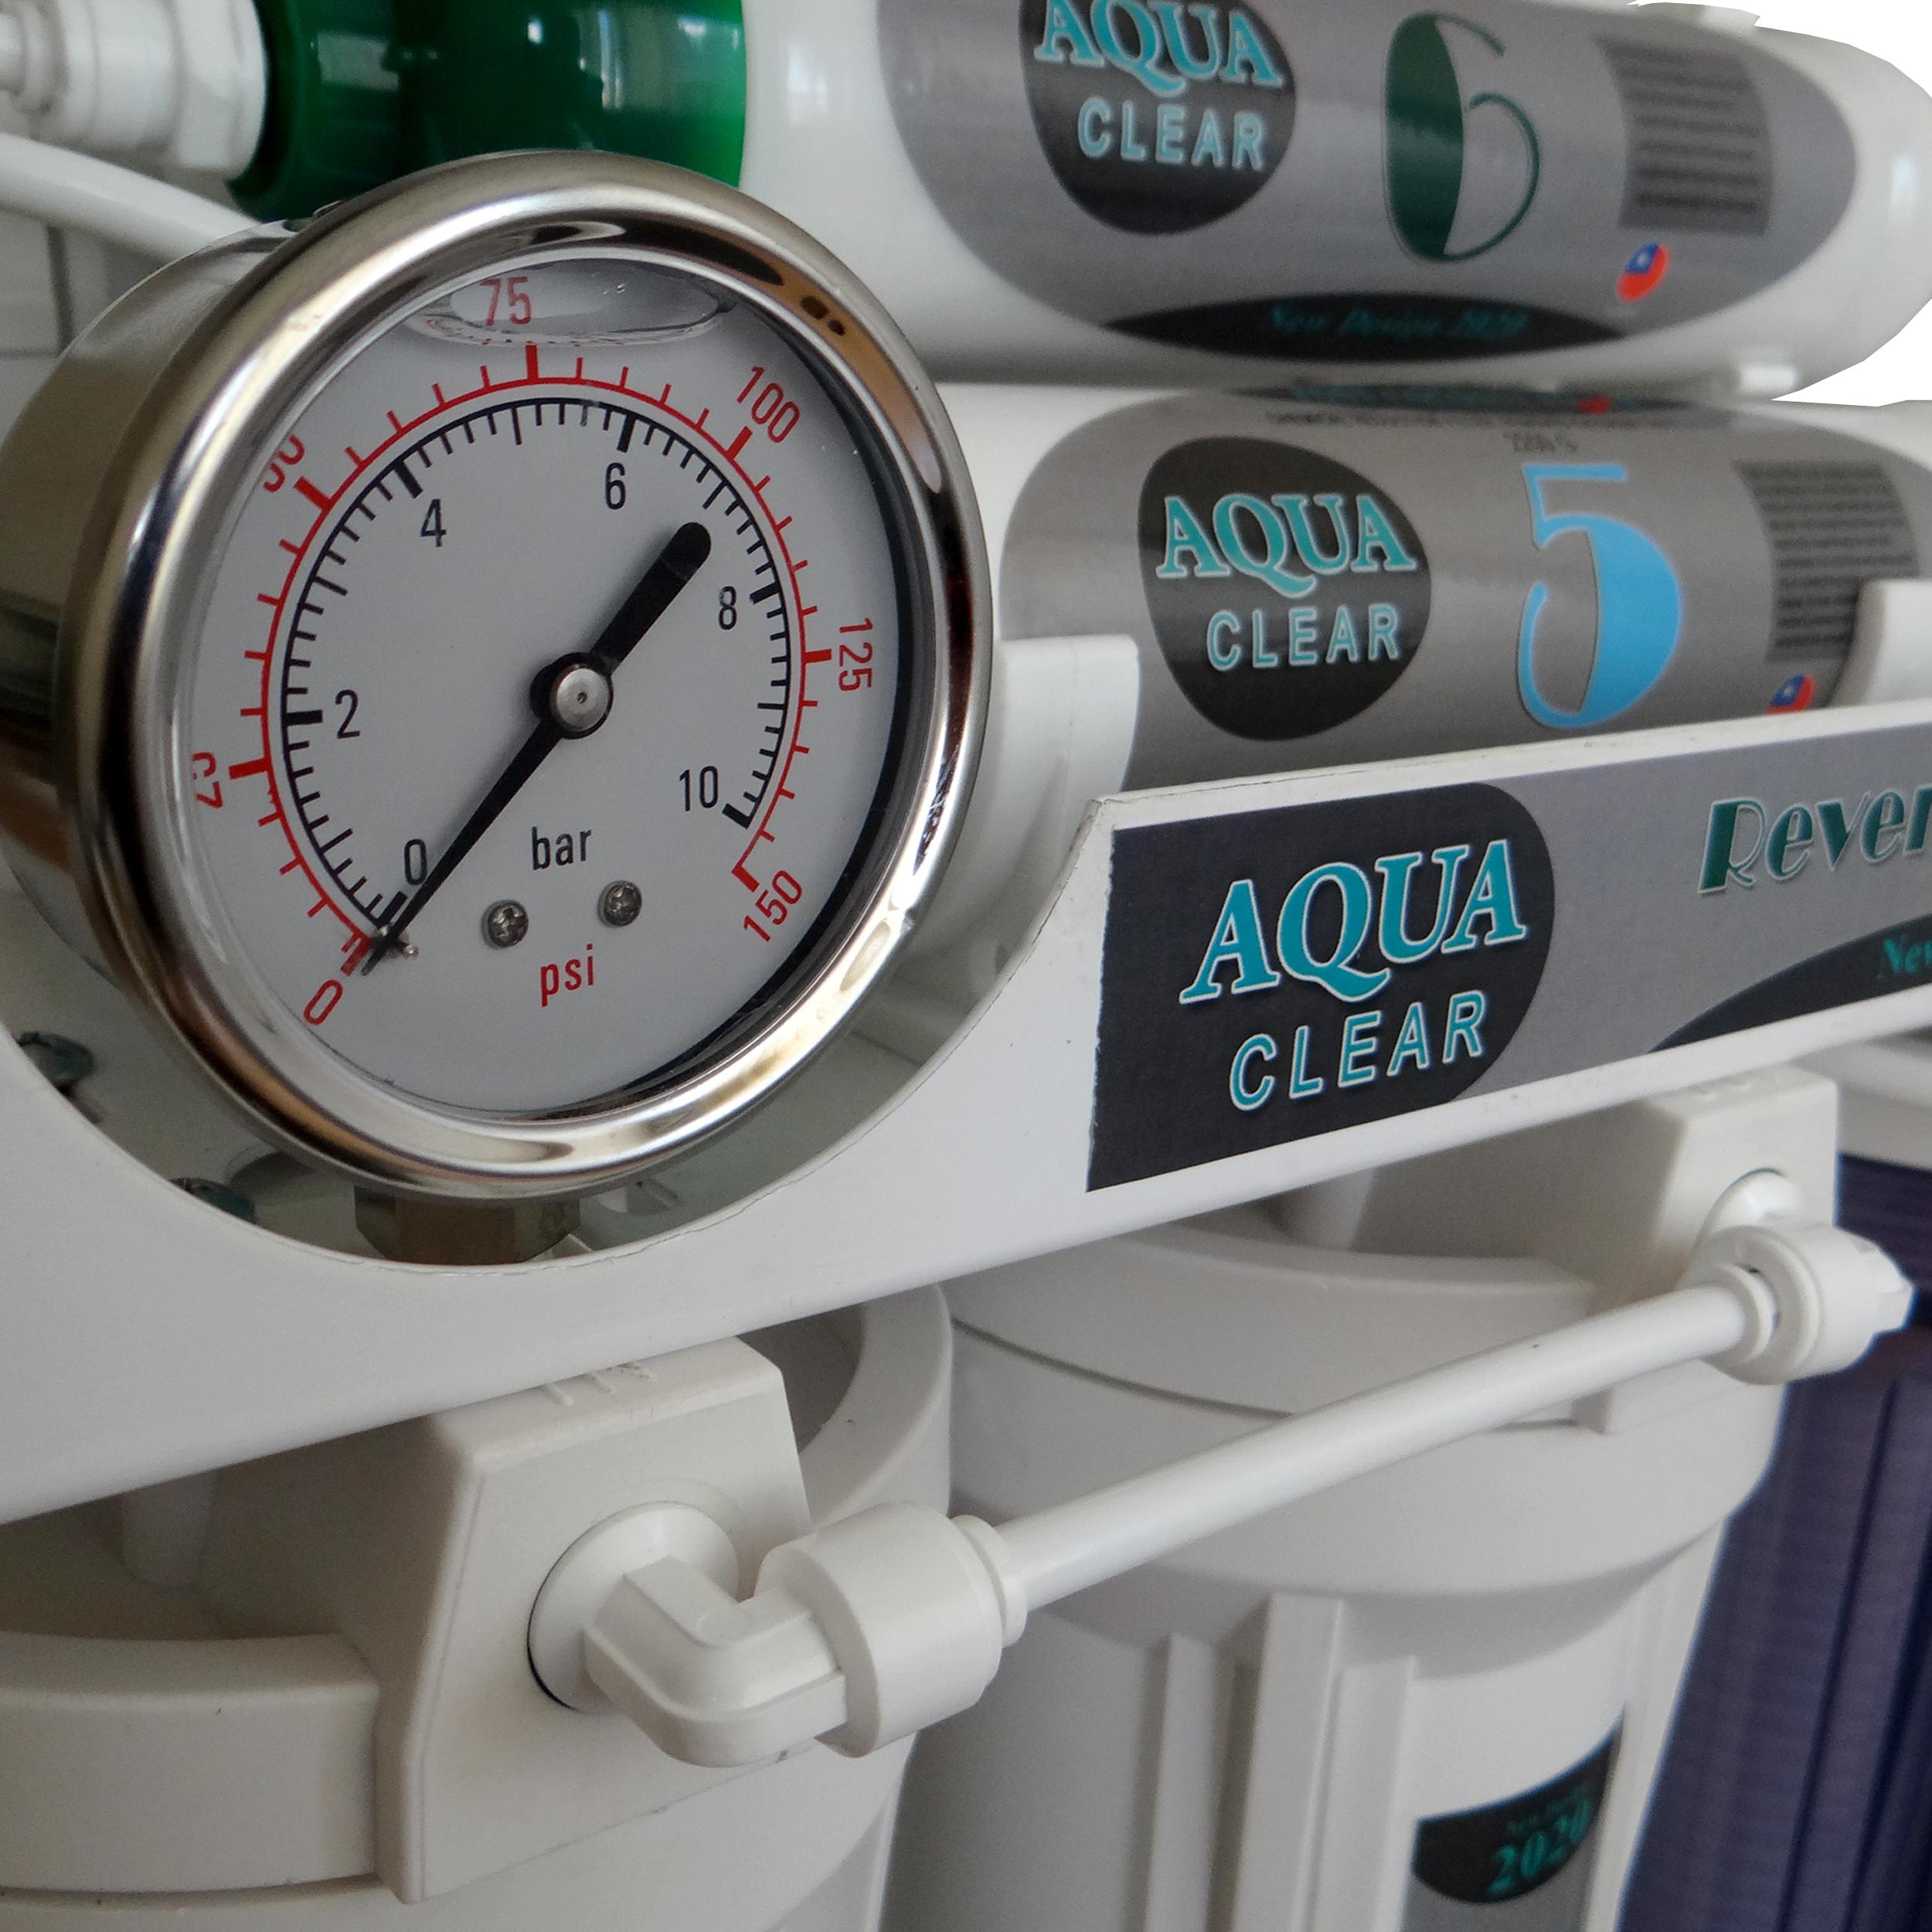 دستگاه تصفیه کننده آب آکوآ کلیر مدل NEW DESIGN2020 - AQN9 به همراه فیلتر مدل 02 مجموعه 3 عددی و کیت نشتی گیر